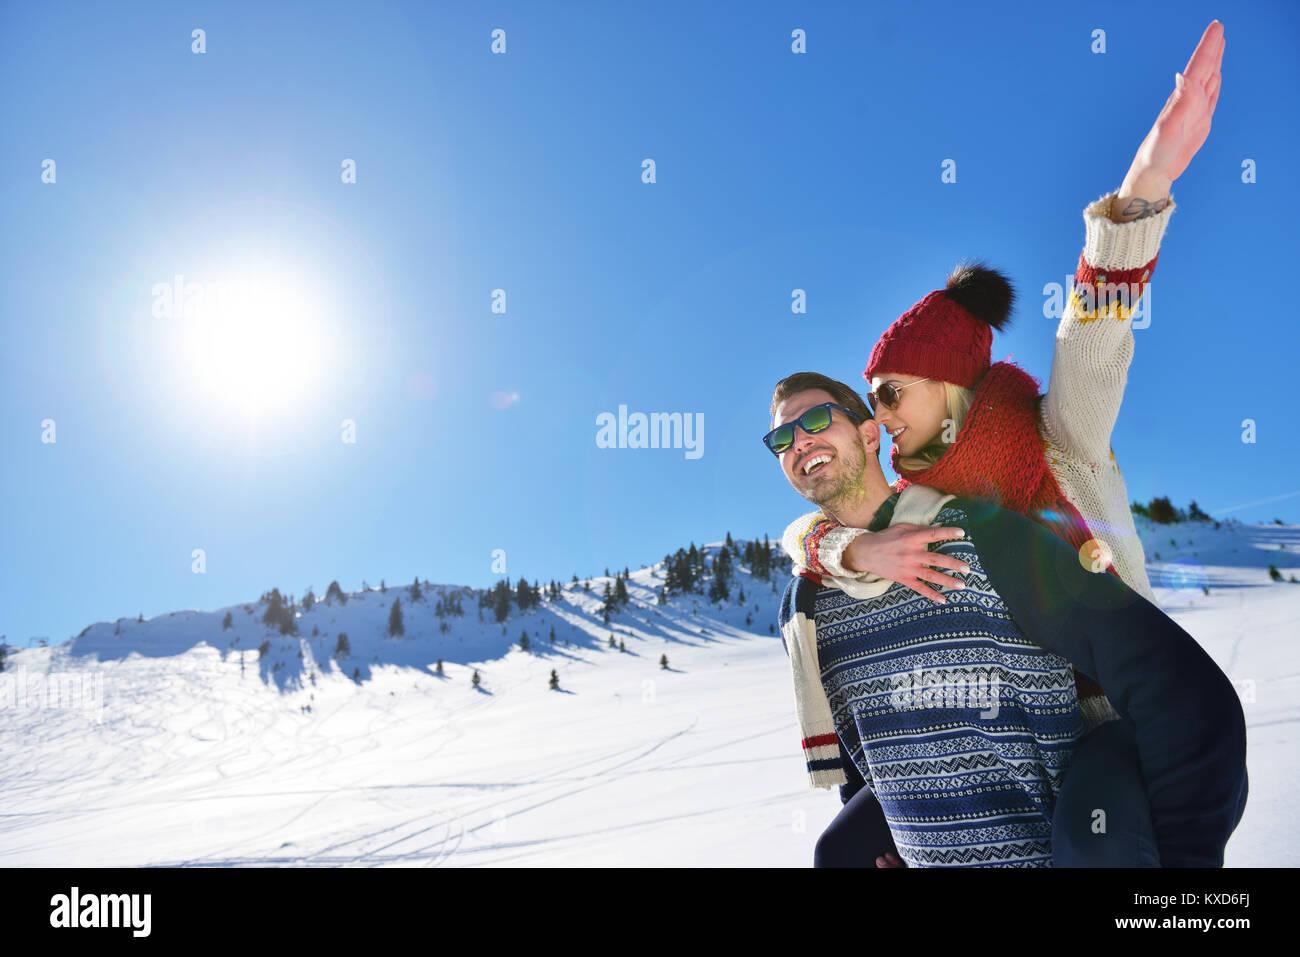 Pareja joven divirtiéndose en la nieve. Hombre feliz en la montaña dando piggyback paseo a su novia sonriente. Imagen De Stock